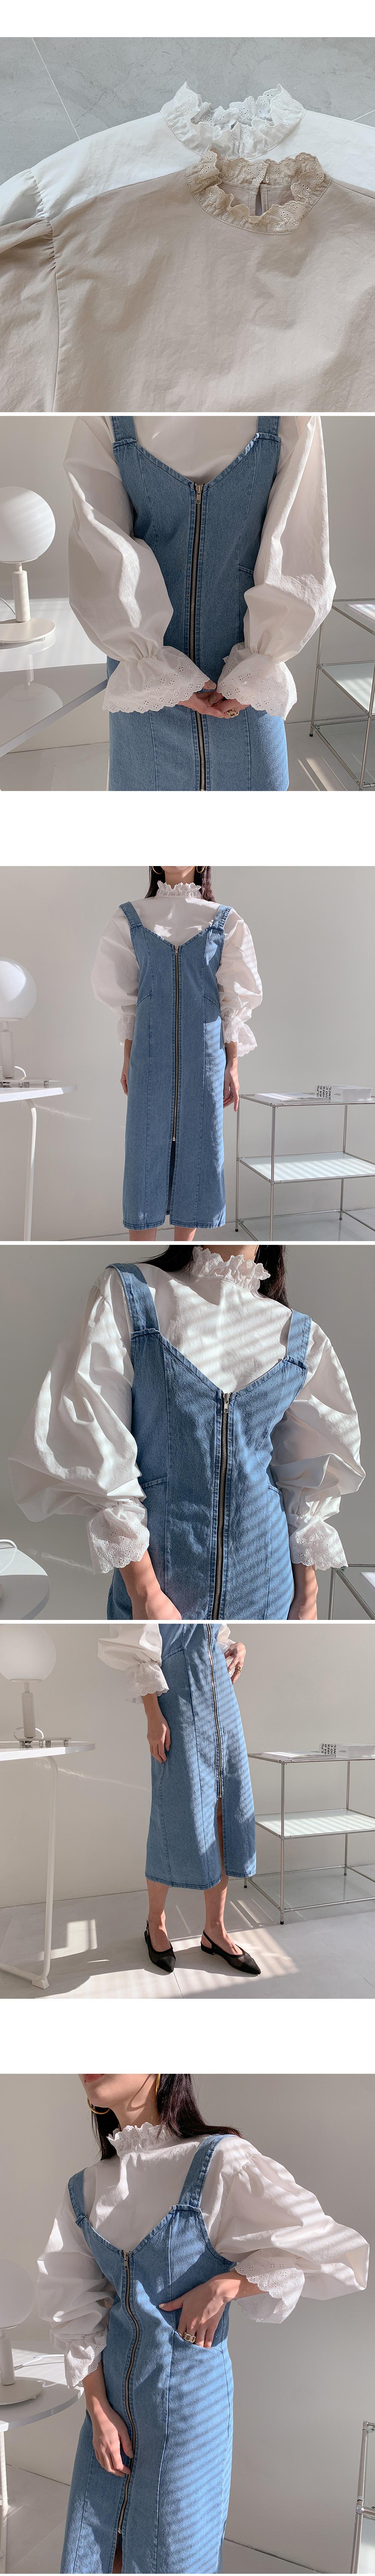 악세사리 모델 착용 이미지-S2L2